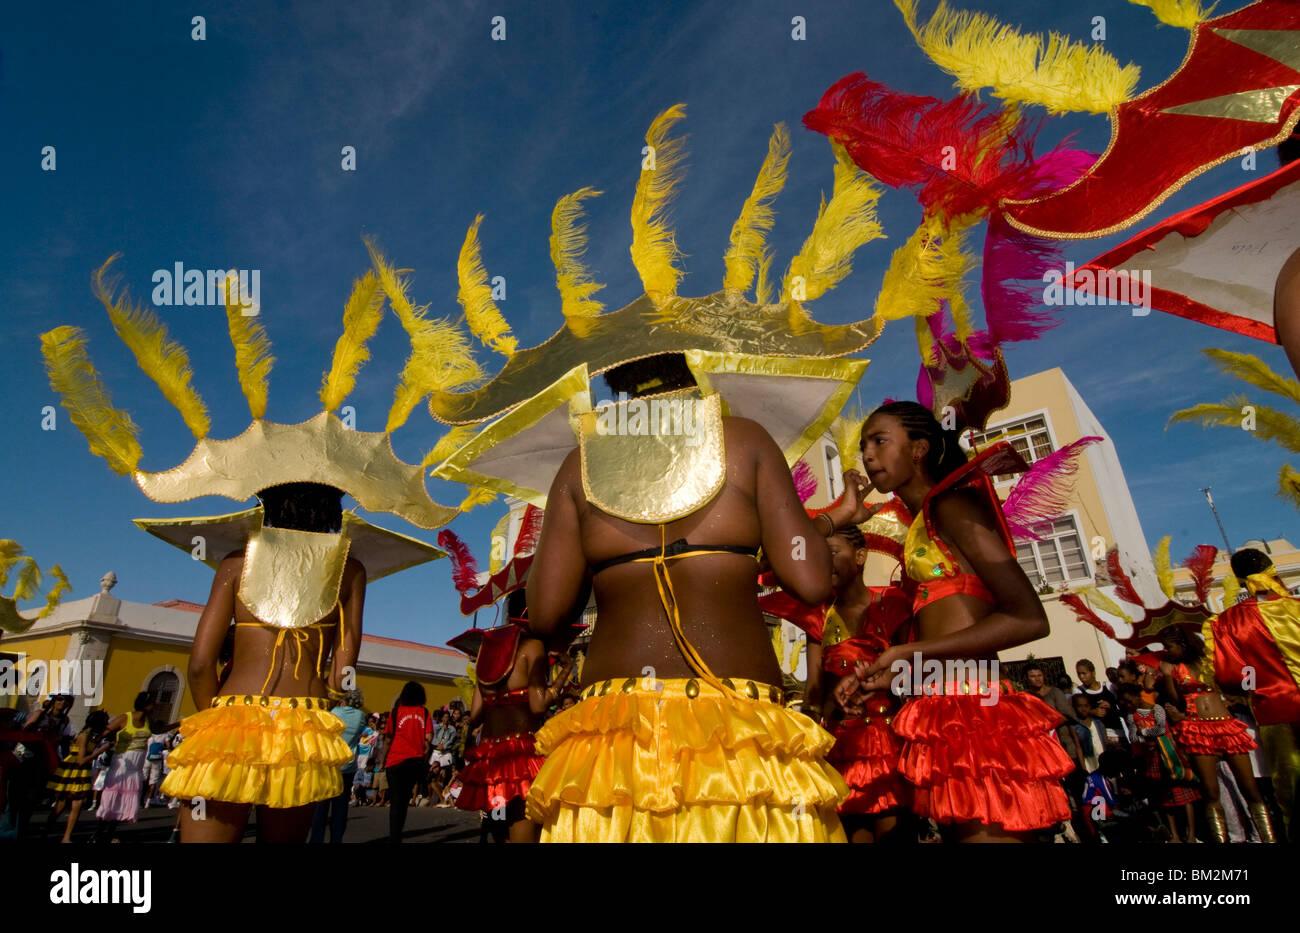 La mujer en coloridos trajes de carnaval bailando, Mindelo, Sao Vicente, Cabo Verde Imagen De Stock